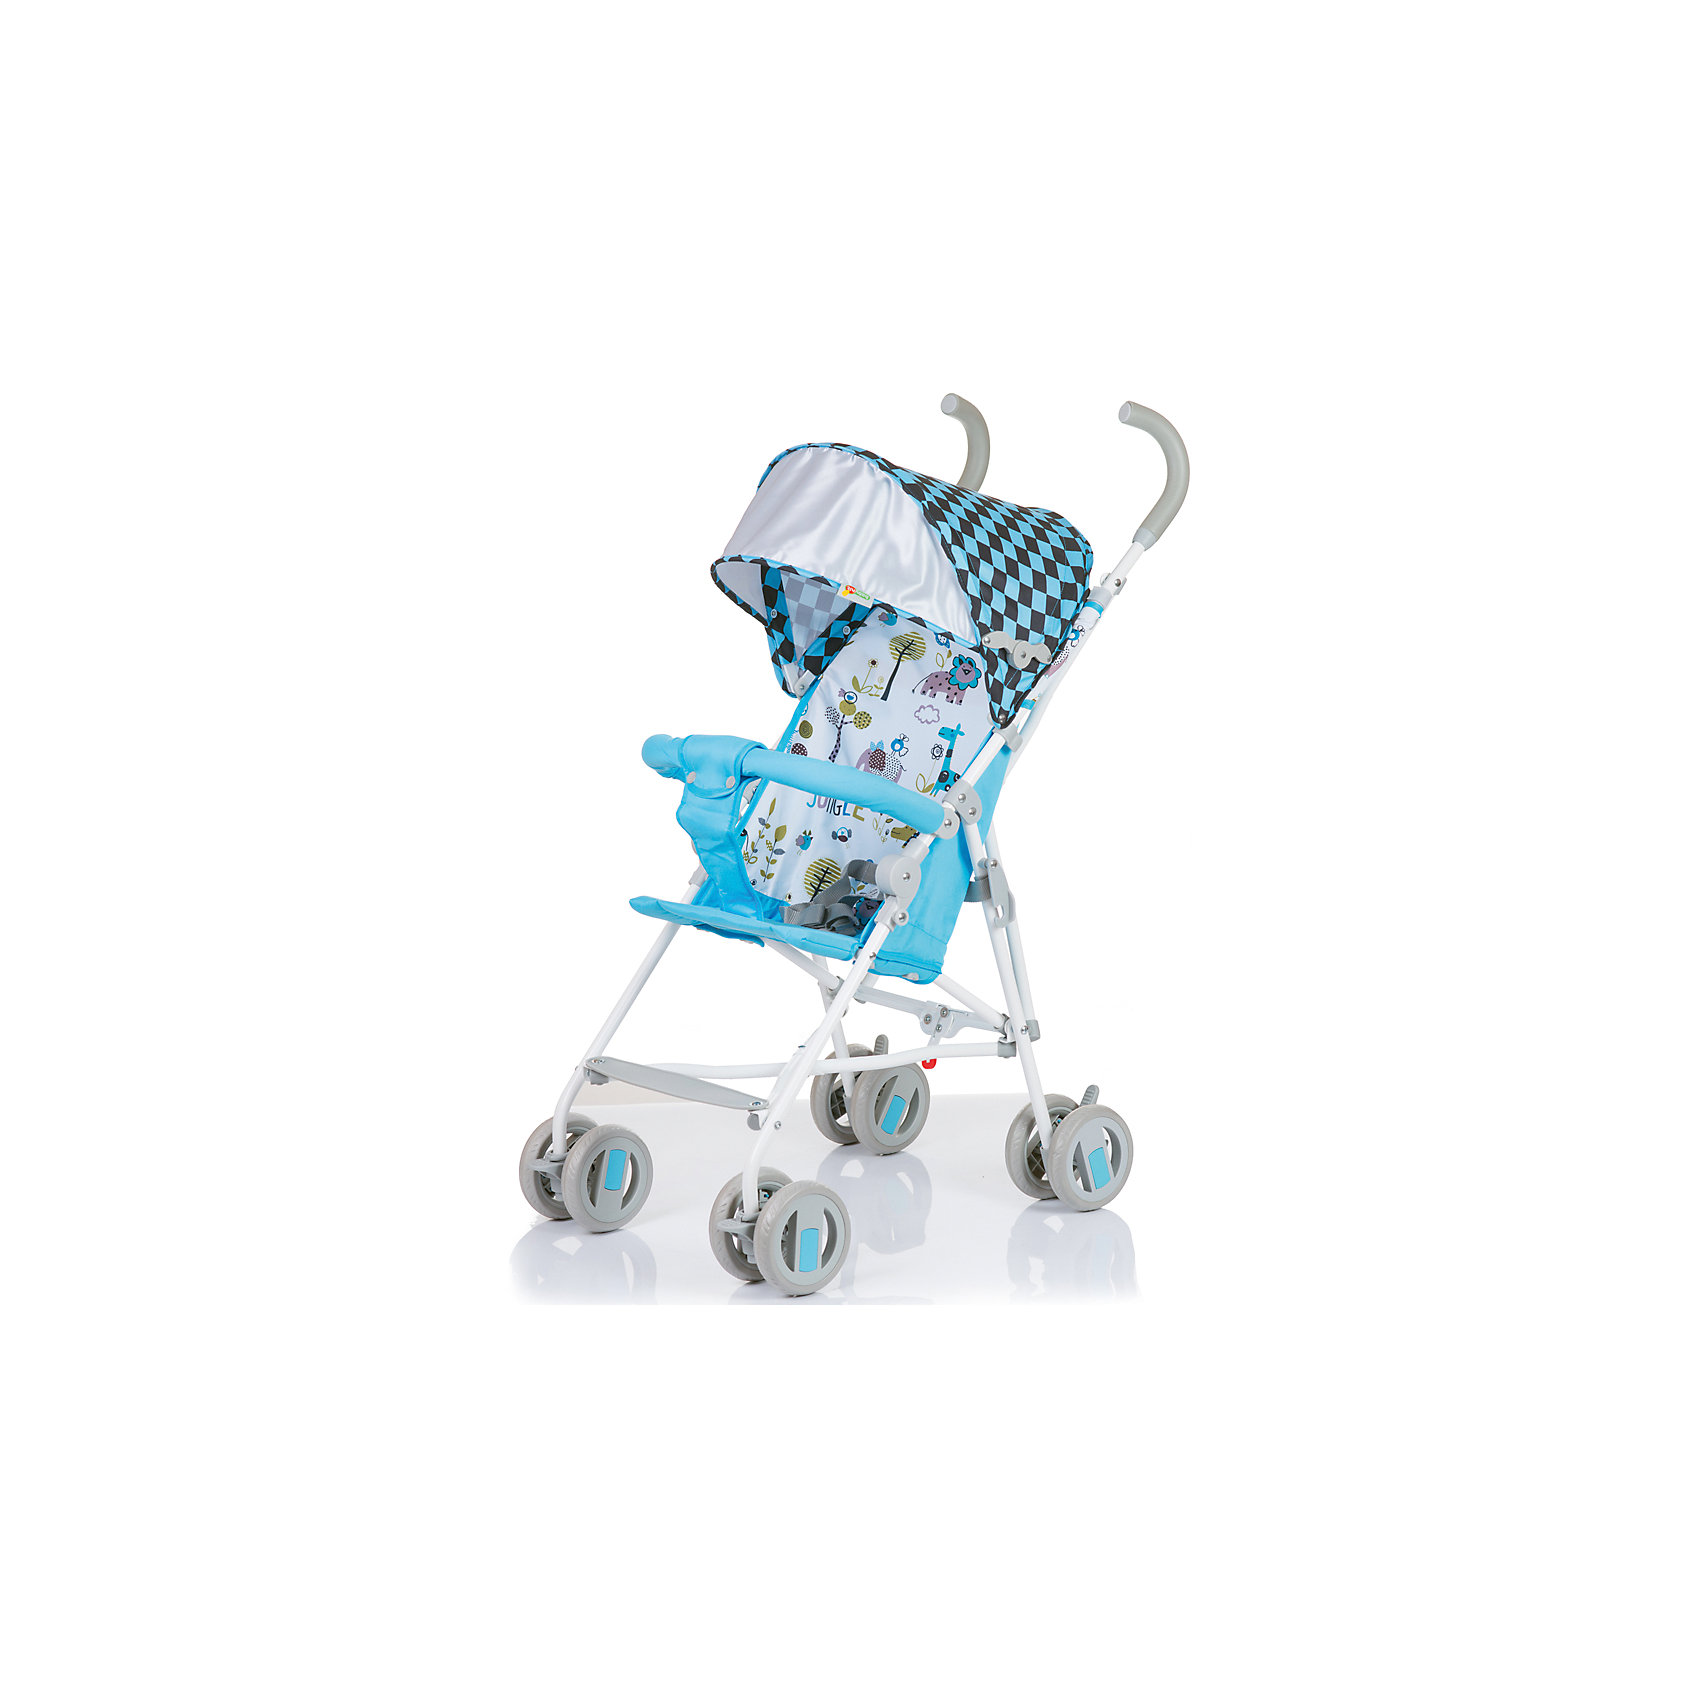 Коляска-трость BabyHit WEENY, бело-голубойНедорогие коляски<br>Характеристики коляски:<br><br>• защитный бампер с мягким разделителем;<br>• защитный поясной ремень;<br>• капюшон оснащен широким солнцезащитным козырьком;<br>• малыш может поставить ножки на пластиковую подножку;<br>• сдвоенные колеса на передней и задней оси;<br>• передние «плавающие» колеса с фиксаторами;<br>• ножной тормоз;<br>• высота спинки: 46 см;<br>• диаметр колес: 12,7 см;<br>• тип складывания коляски: трость.<br><br>Обратите внимание: <br>• спинка и подножка коляски не регулируется;<br>• коляска без корзины для покупок.<br><br>Размер коляски: 75х45х93 см<br>Вес коляски: 4,1 кг<br>Размер коляски в сложенном виде: 105х41х29 см<br>Размер упаковки: 105х41х29 см<br>Вес в упаковке: 4,6 кг<br><br>Легкая и маневренная коляска-трость отлично подходит для путешествий с маленьким ребенком, не занимает много места в багажнике автомобиля, быстро складывается и раскладывается. Ребенок не соскользнет вниз благодаря защитному поручню с паховым ограничителем. Сдвоенные колеса можно зафиксировать, когда коляска едет по песку или гальке. Коляска оснащена тормозами на задних колесах. <br><br>Коляску-трость WEENY, Babyhit, бело-голубую можно купить в нашем интернет-магазине.<br><br>Ширина мм: 1050<br>Глубина мм: 290<br>Высота мм: 410<br>Вес г: 4625<br>Возраст от месяцев: 7<br>Возраст до месяцев: 36<br>Пол: Унисекс<br>Возраст: Детский<br>SKU: 5500323